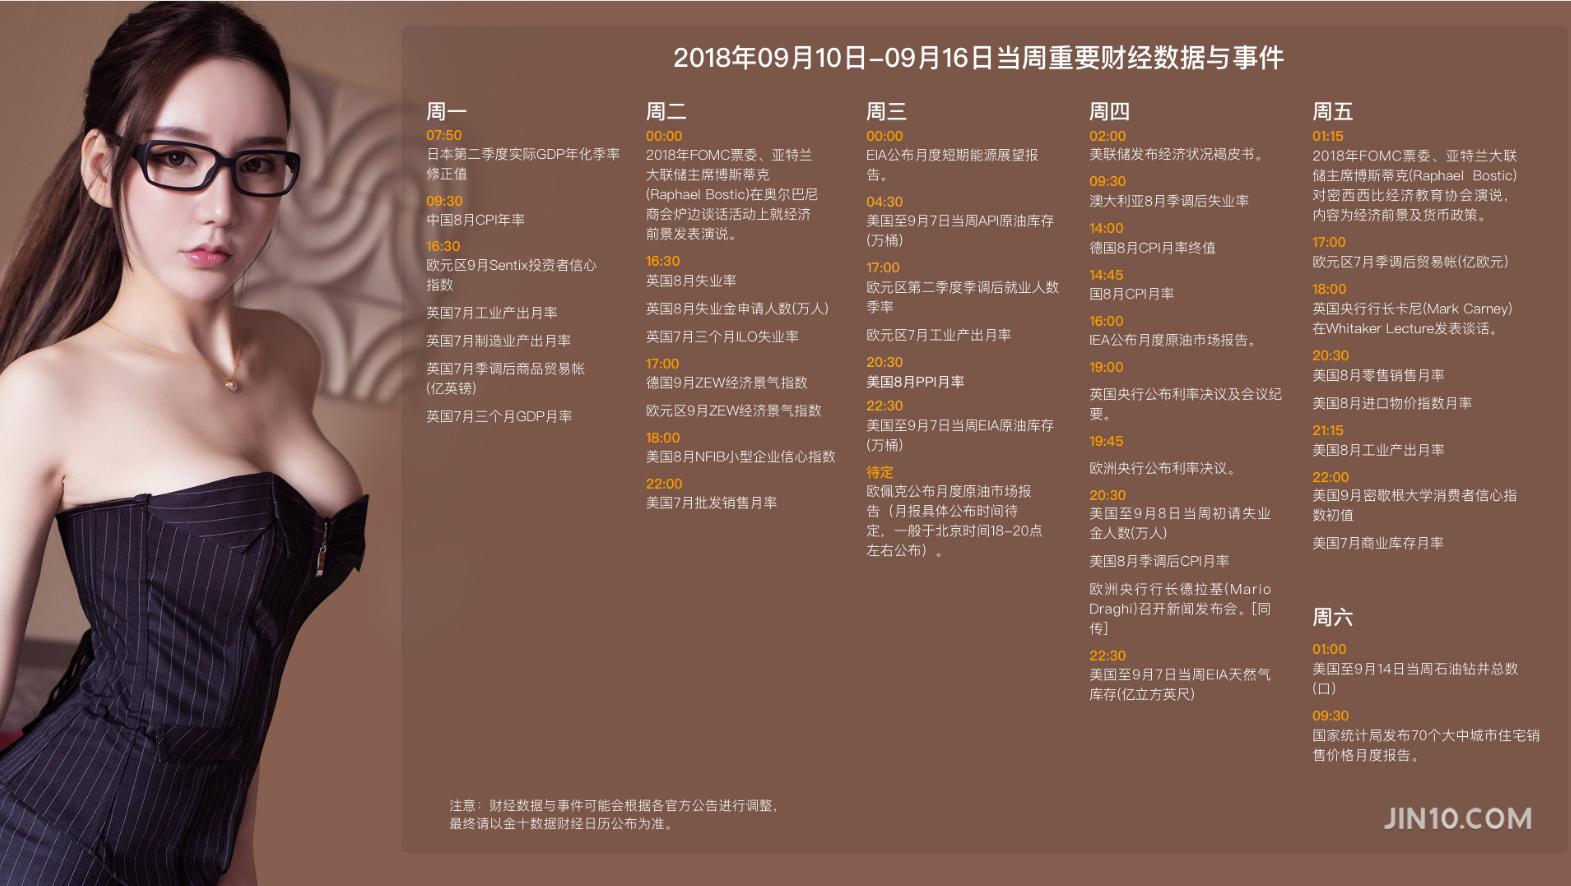 【鼎丰淘金】9.10恒指黄金原油铜行情分析布局,鼎丰在线喊单